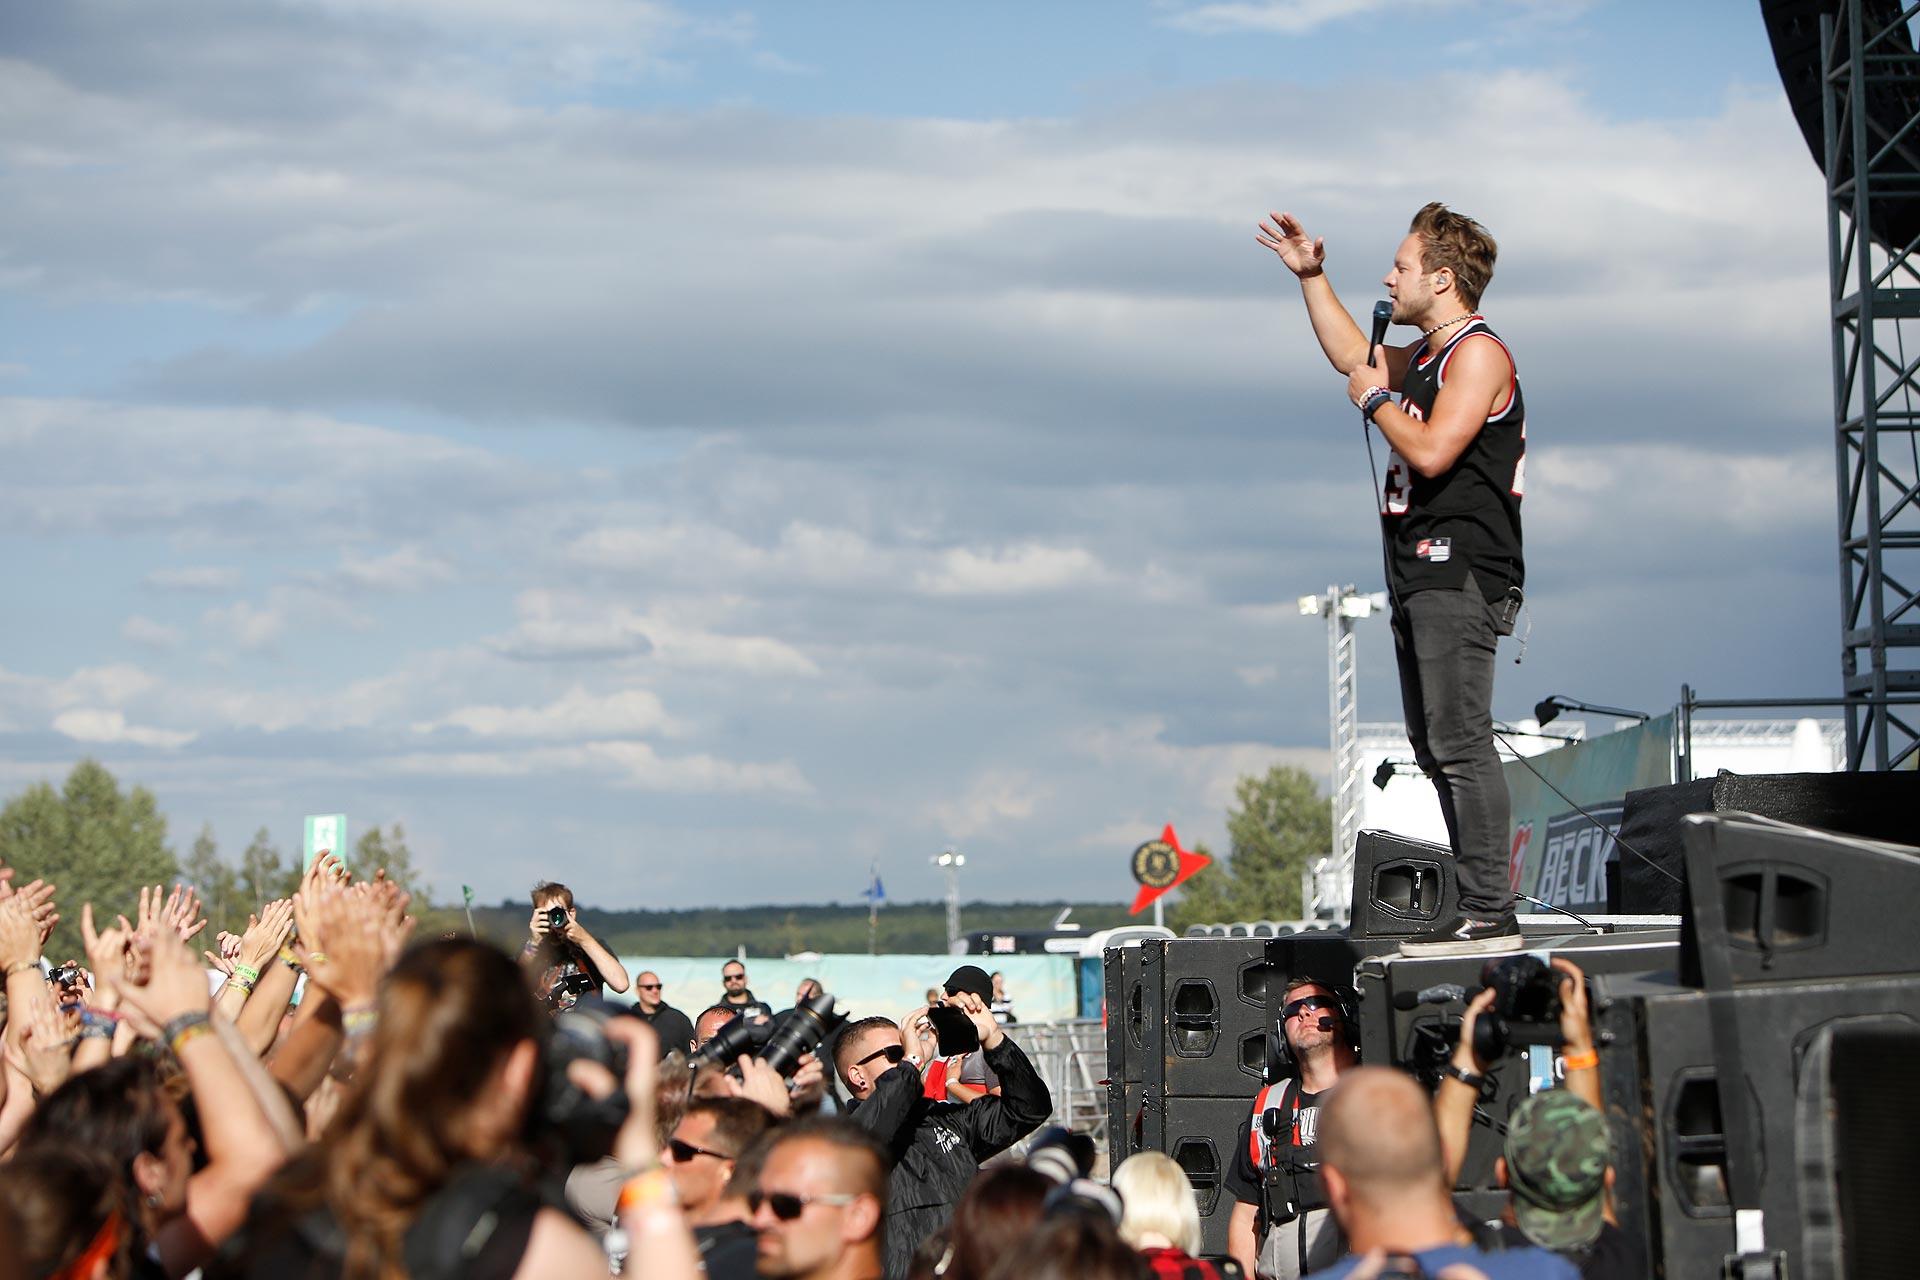 Bombenstimmung herrschte auch bei der Metal-Band Emil Bulls auf dem Highfield